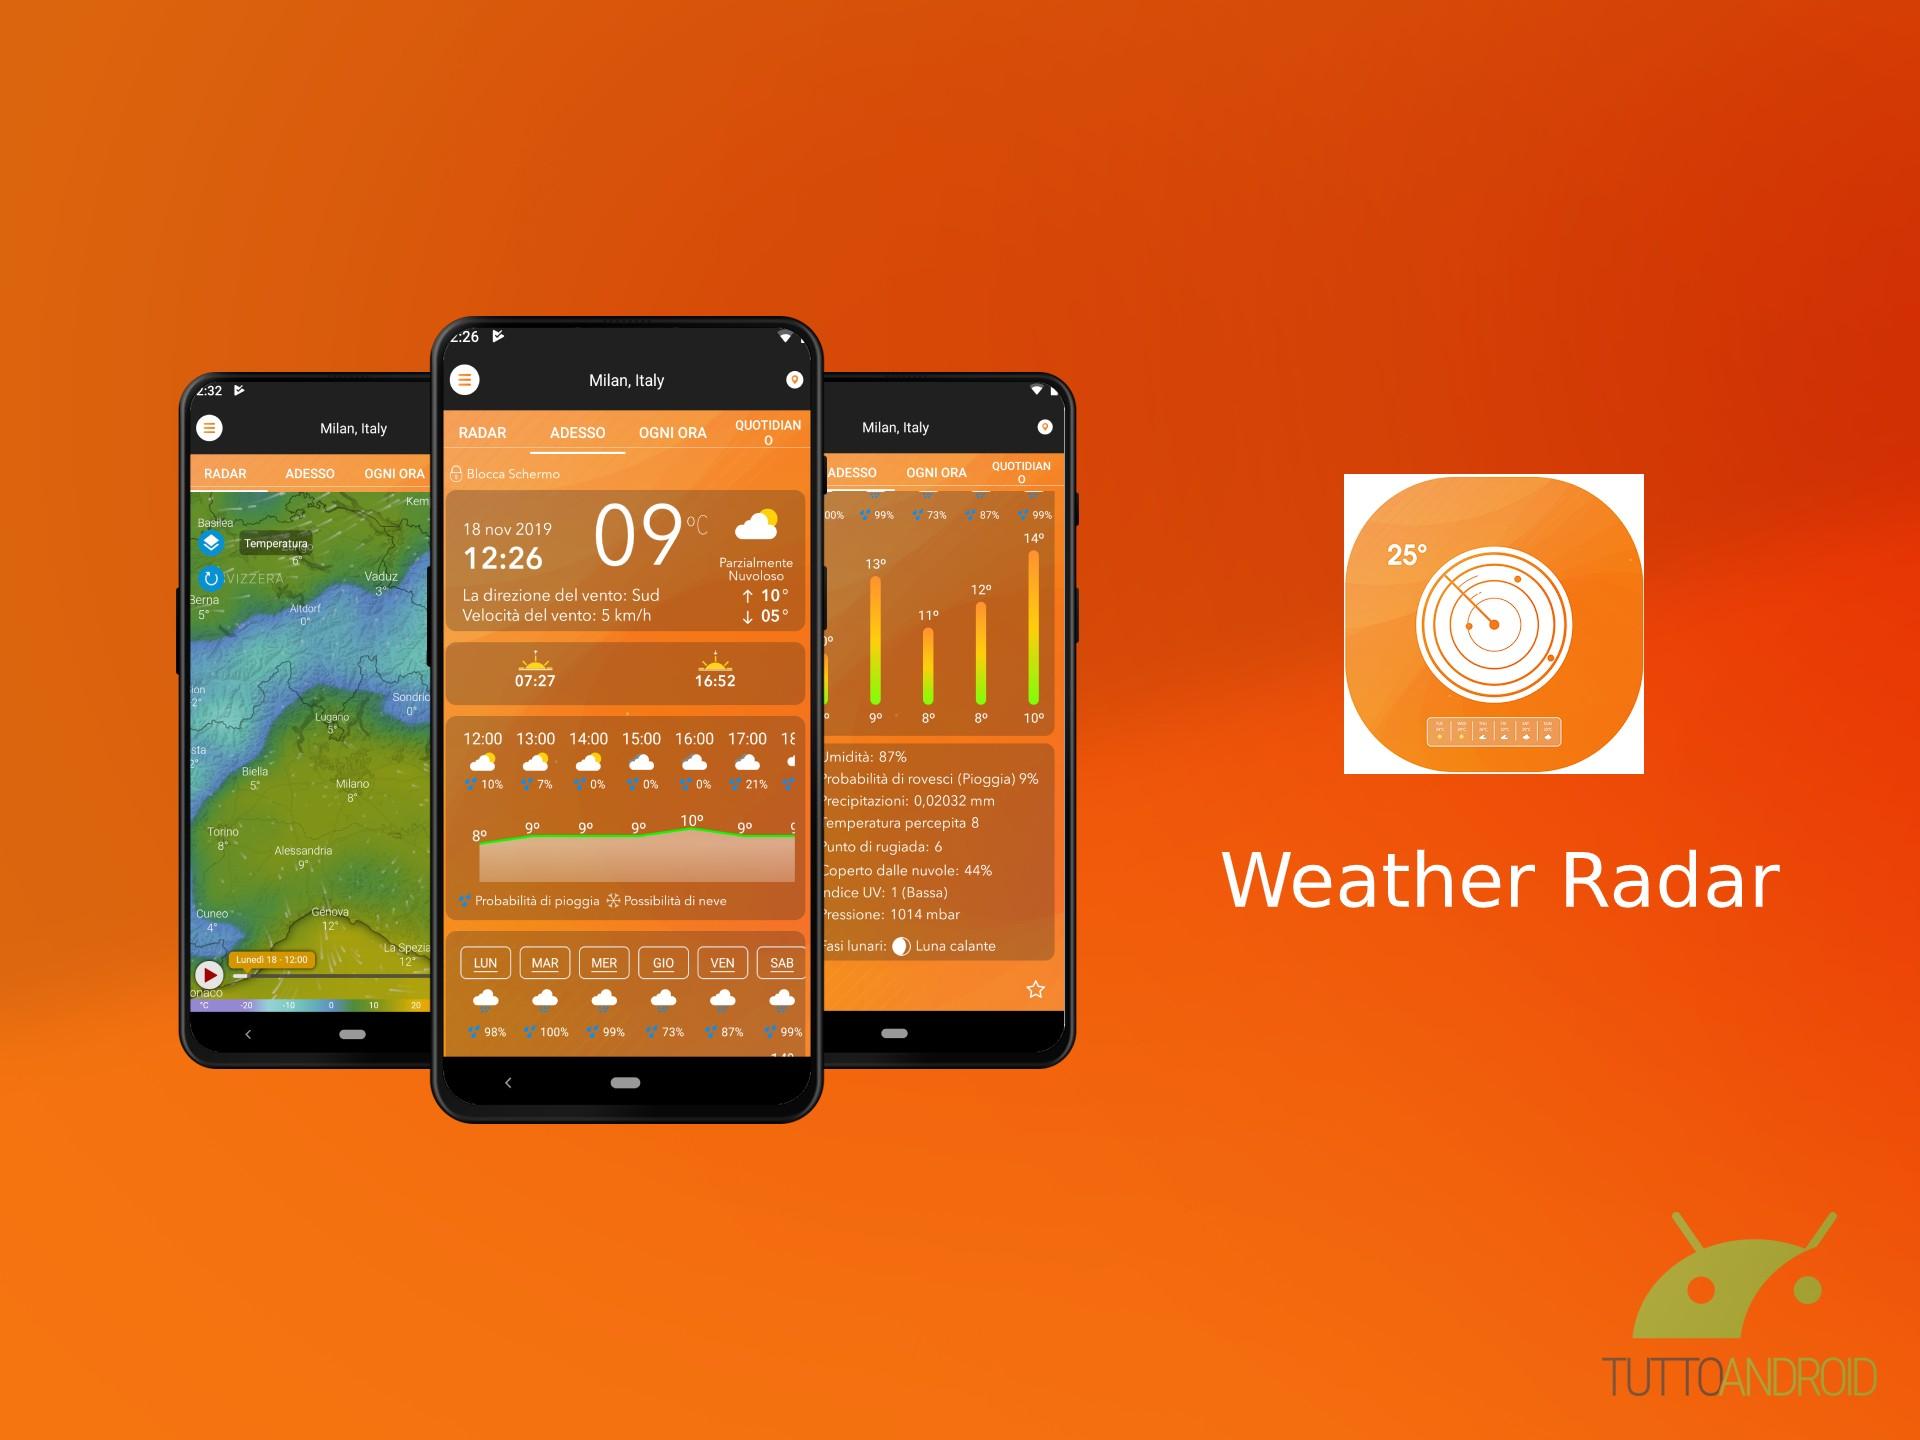 Weather Radar dà previsioni meteo dettagliate con avvisi e r